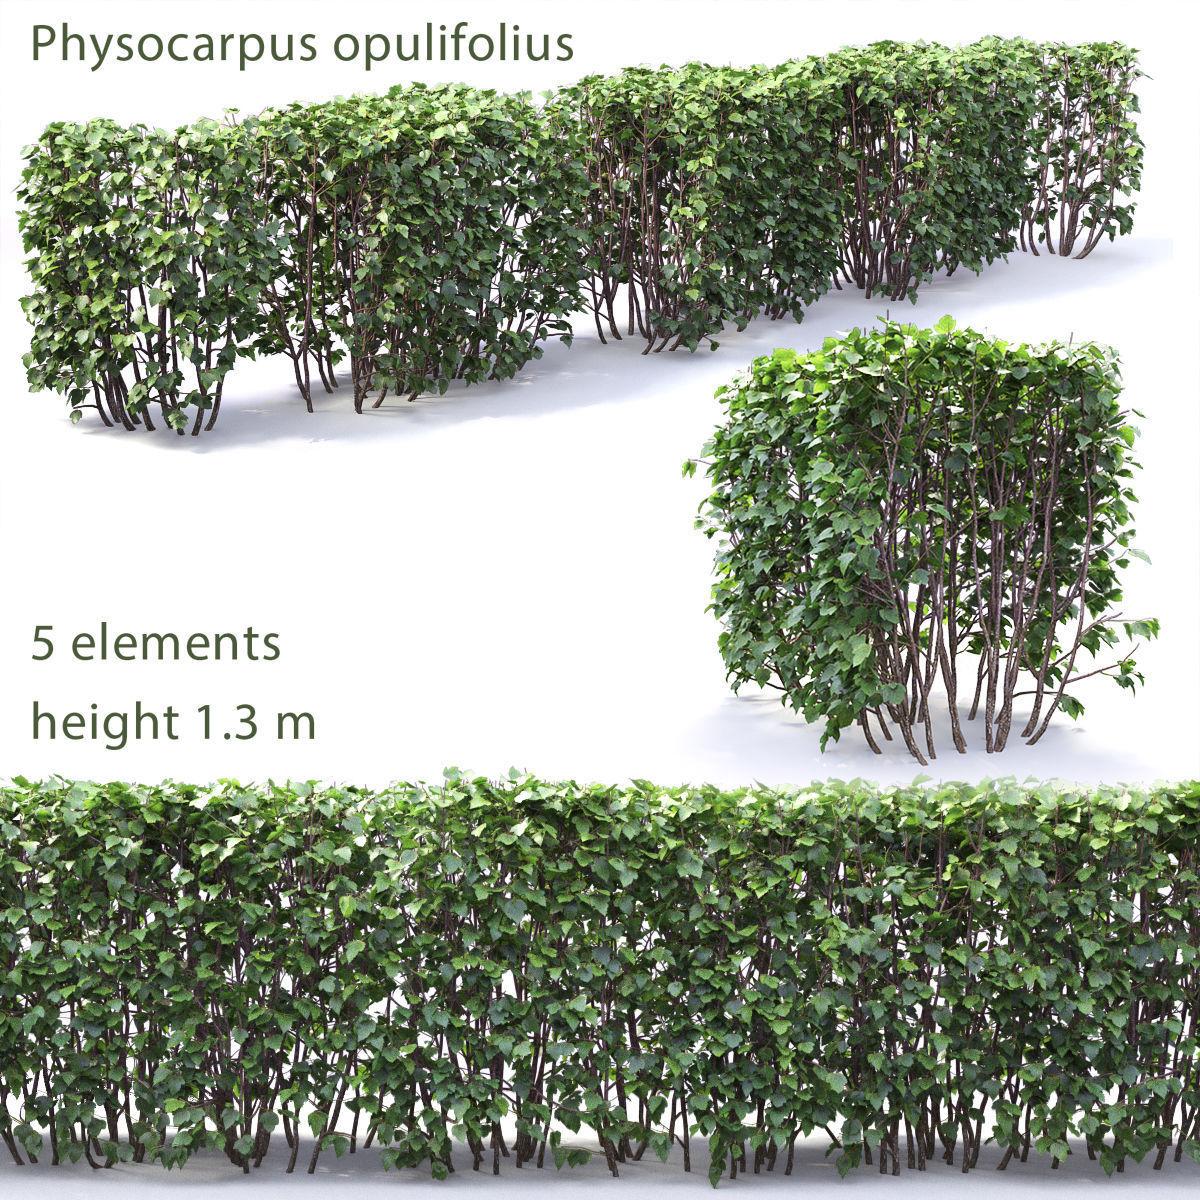 Physocarpus opulifolius hedge 01